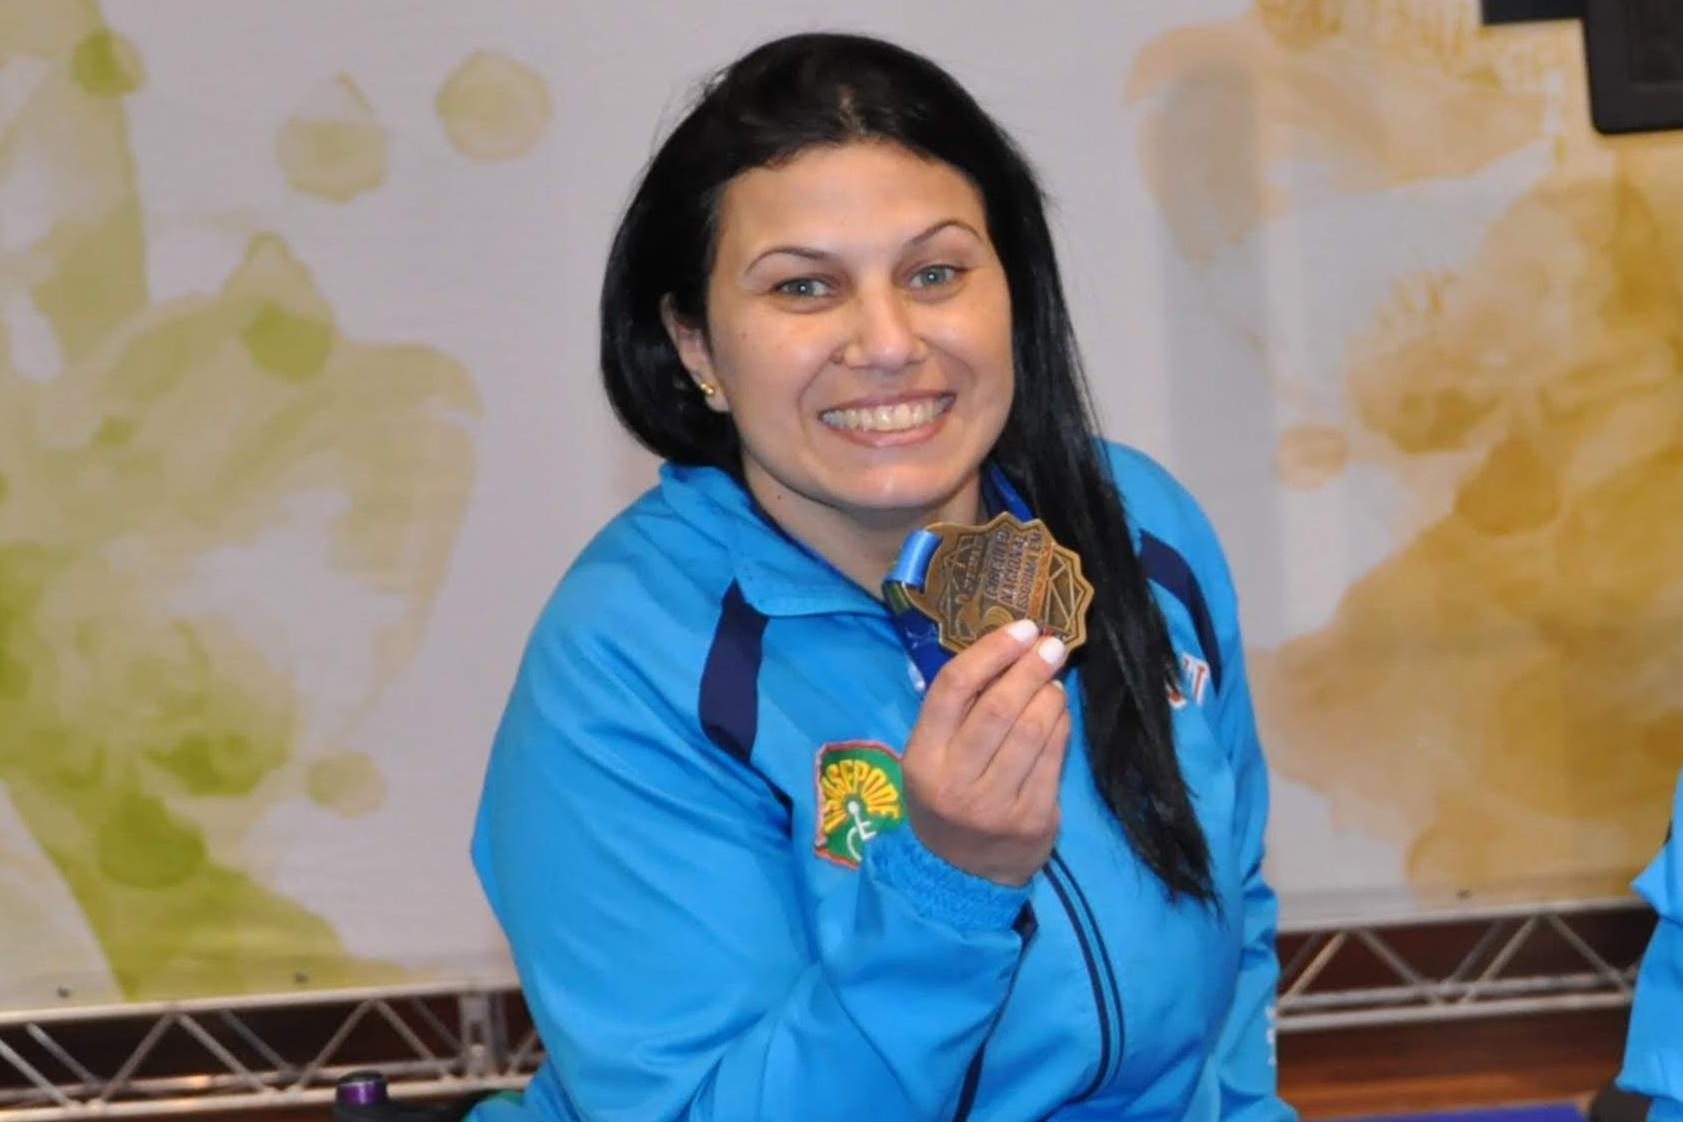 Cuidados e trabalho multidisciplinar fazem parte da preparação de Mônica Santos e Vanderson Chaves para os Jogos de Tóquio